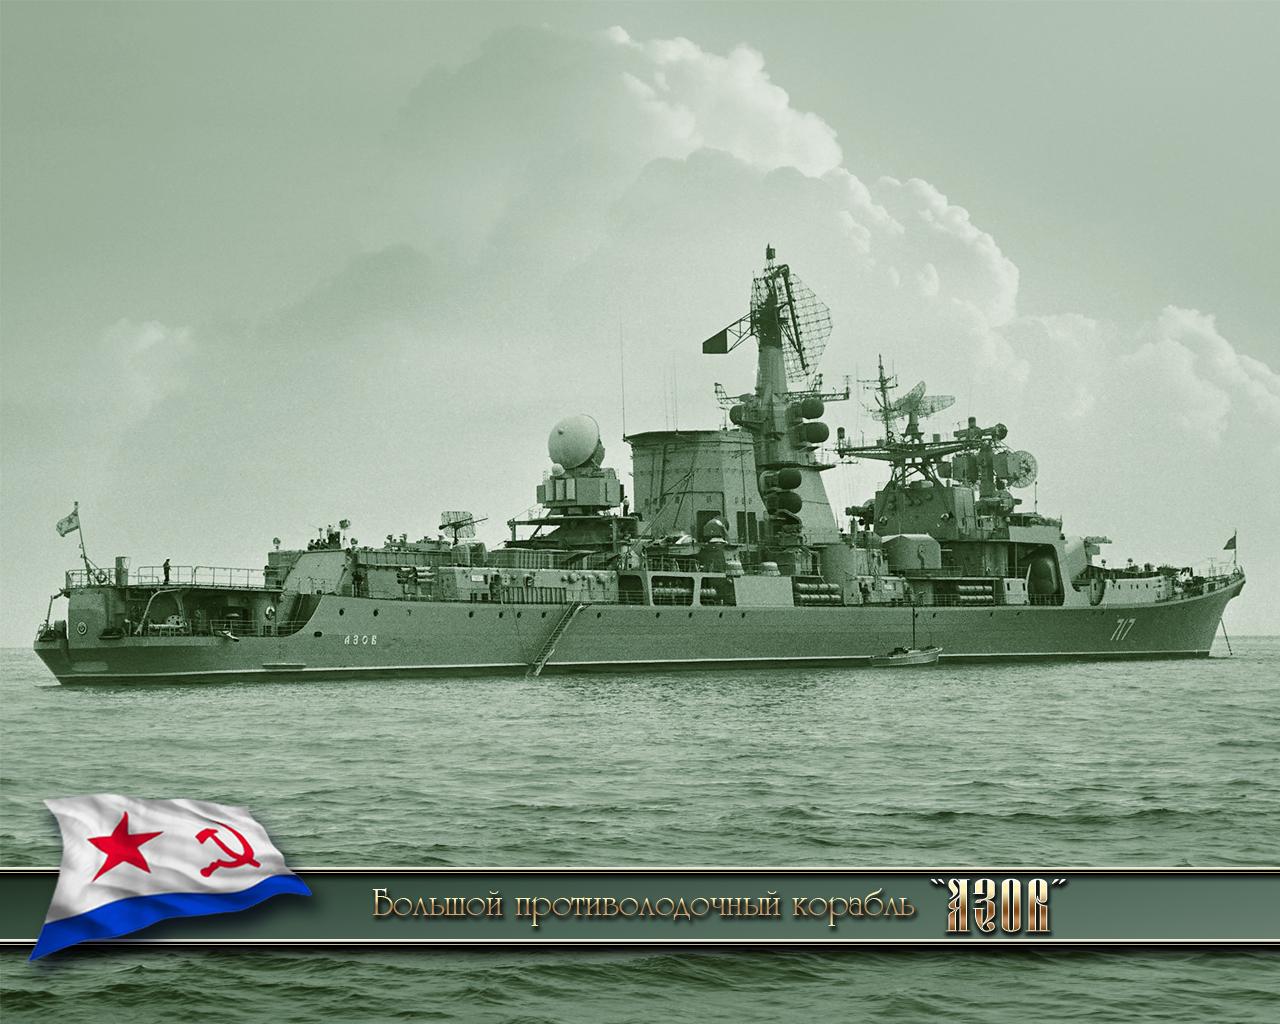 Обои на рабочий стол советские корабли